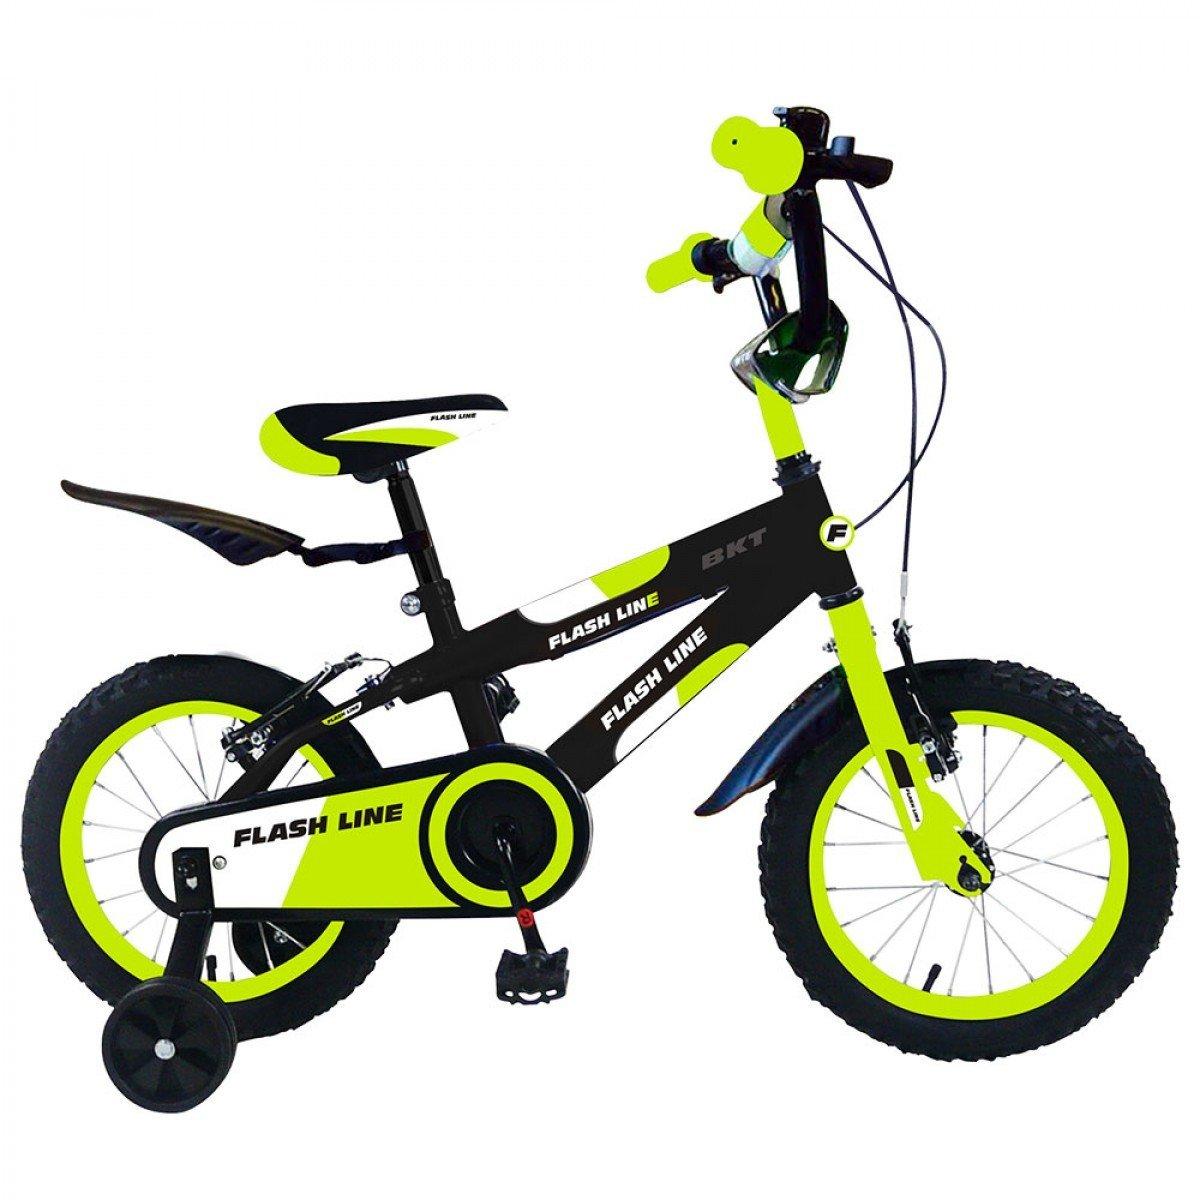 mejor oferta Bicicleta para para para niños FLASH LINE talla 16 FLA16 para niños de 4 - 7 años - Amarillo  comprar barato